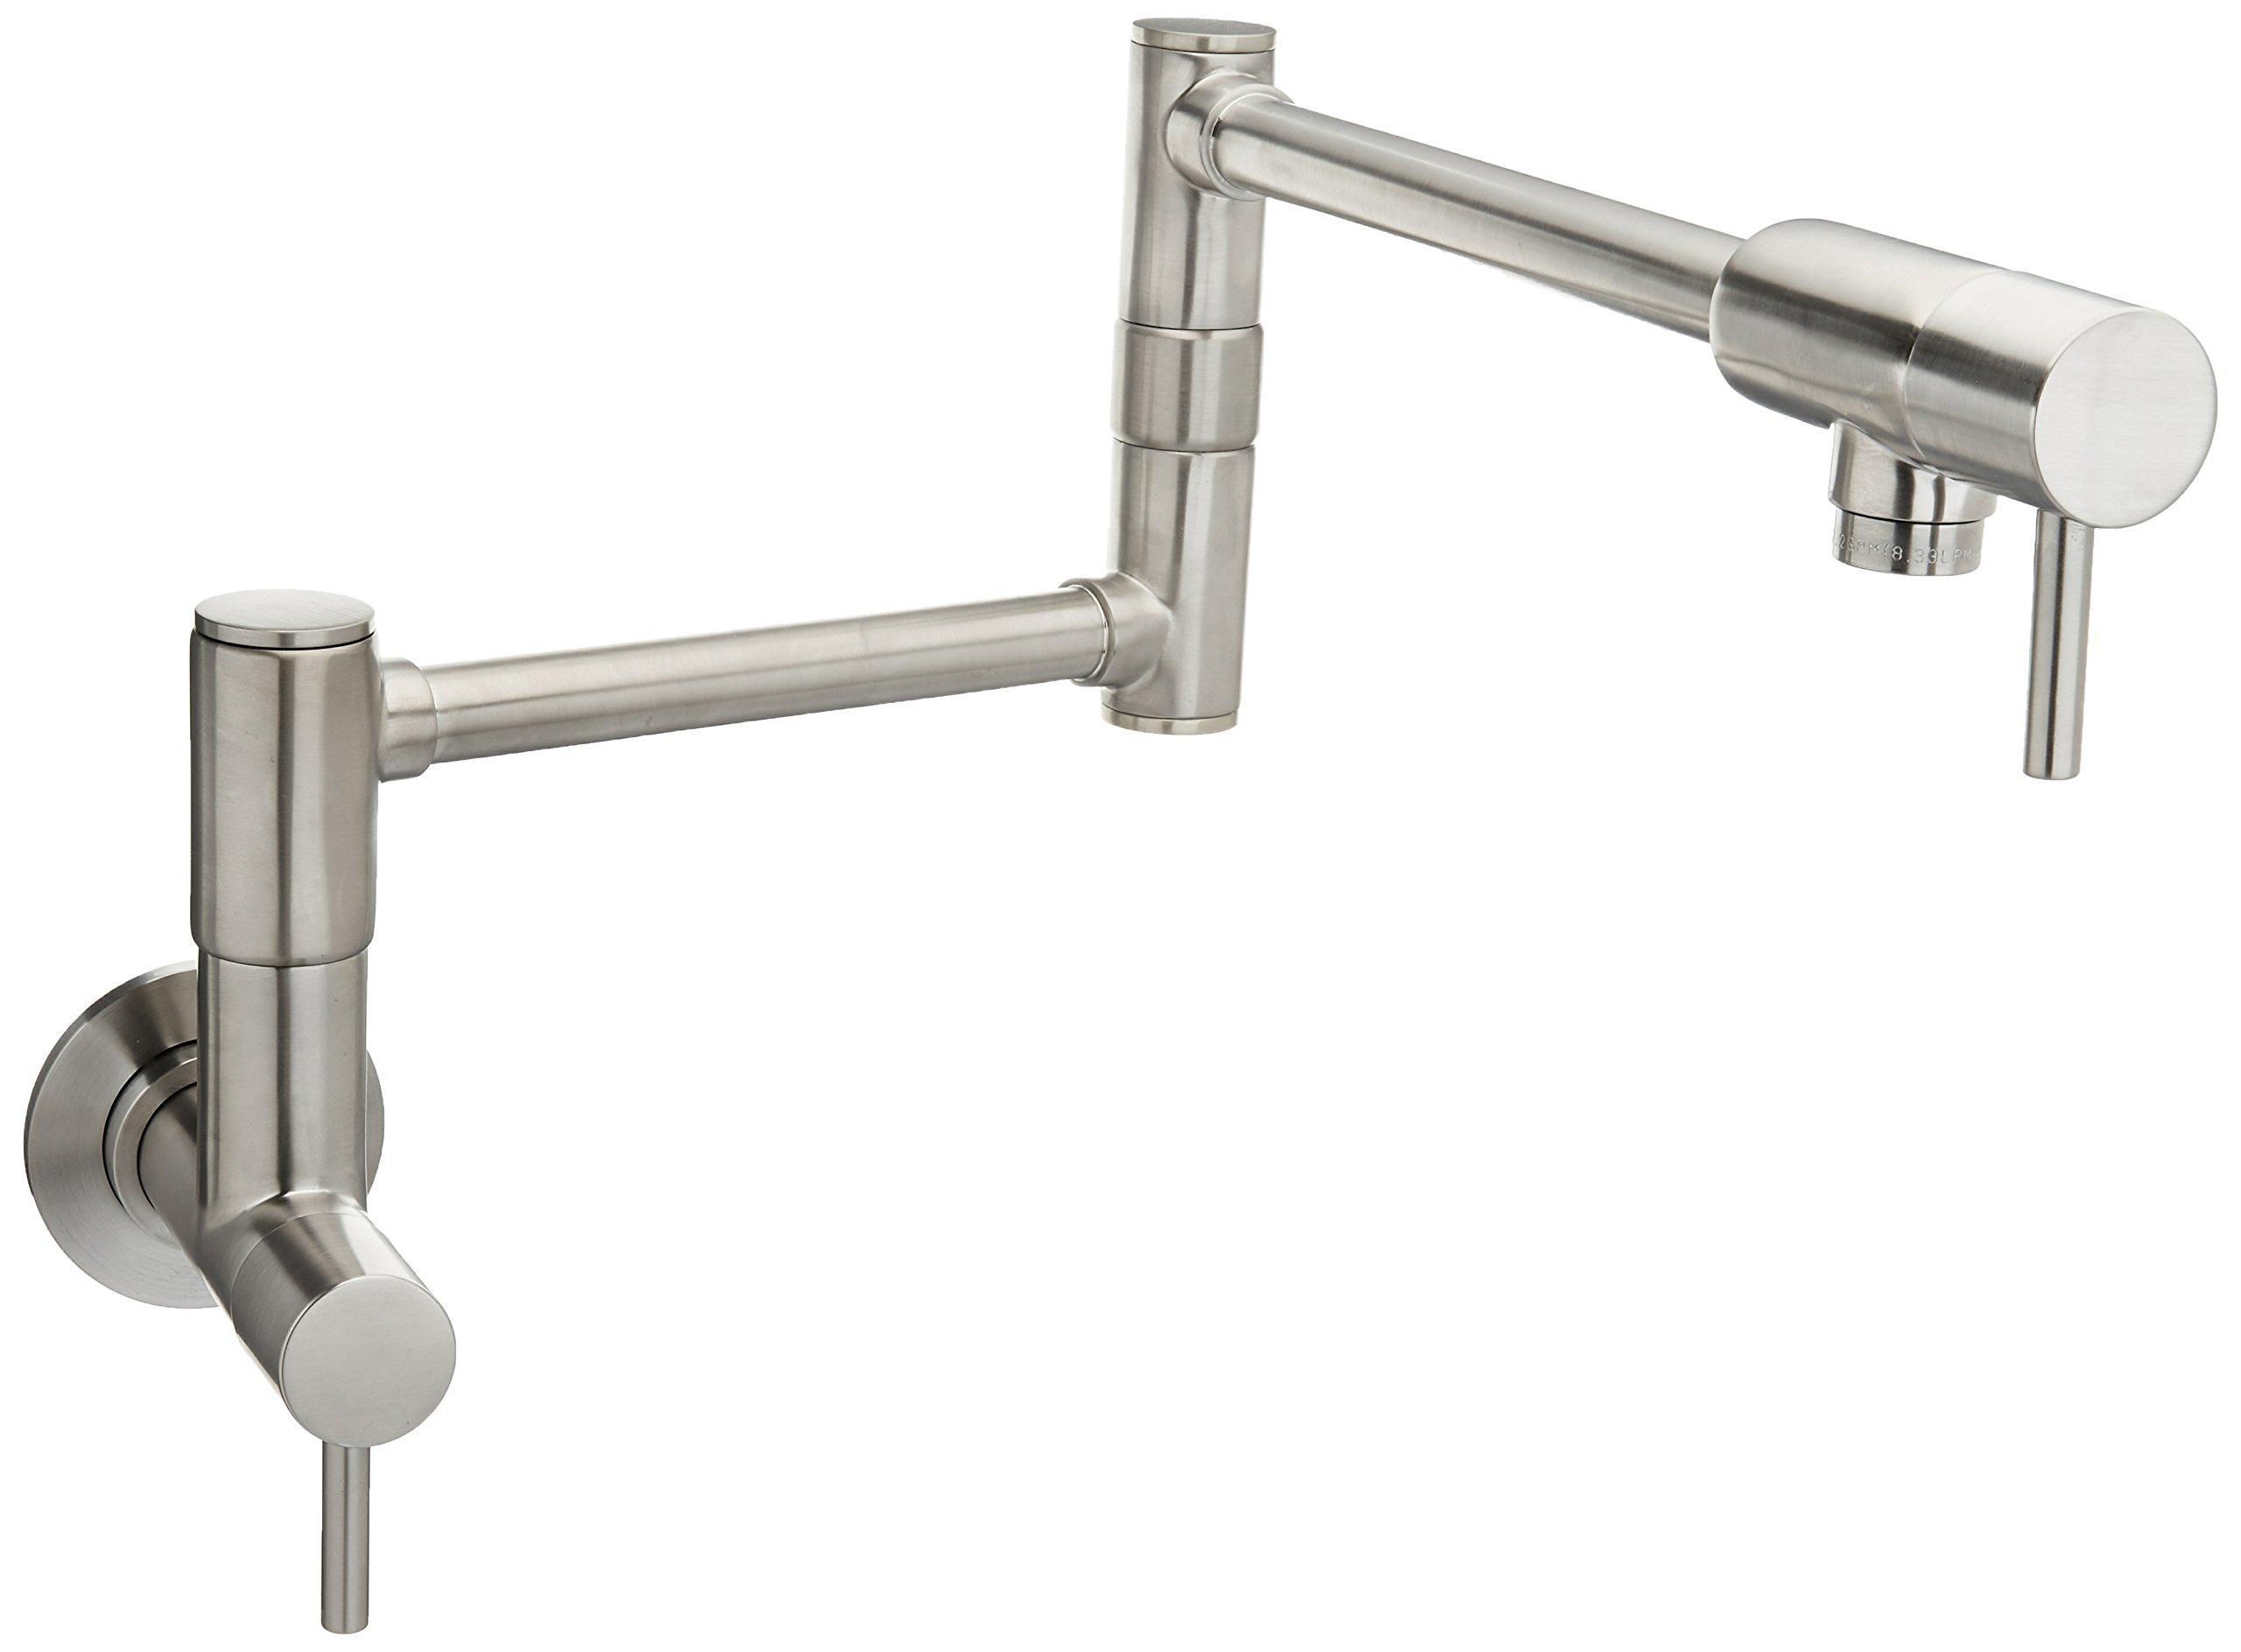 Pfister GT533-PFS Lita 2-Handle Wall Mount Pot Filler, Stainless Steel